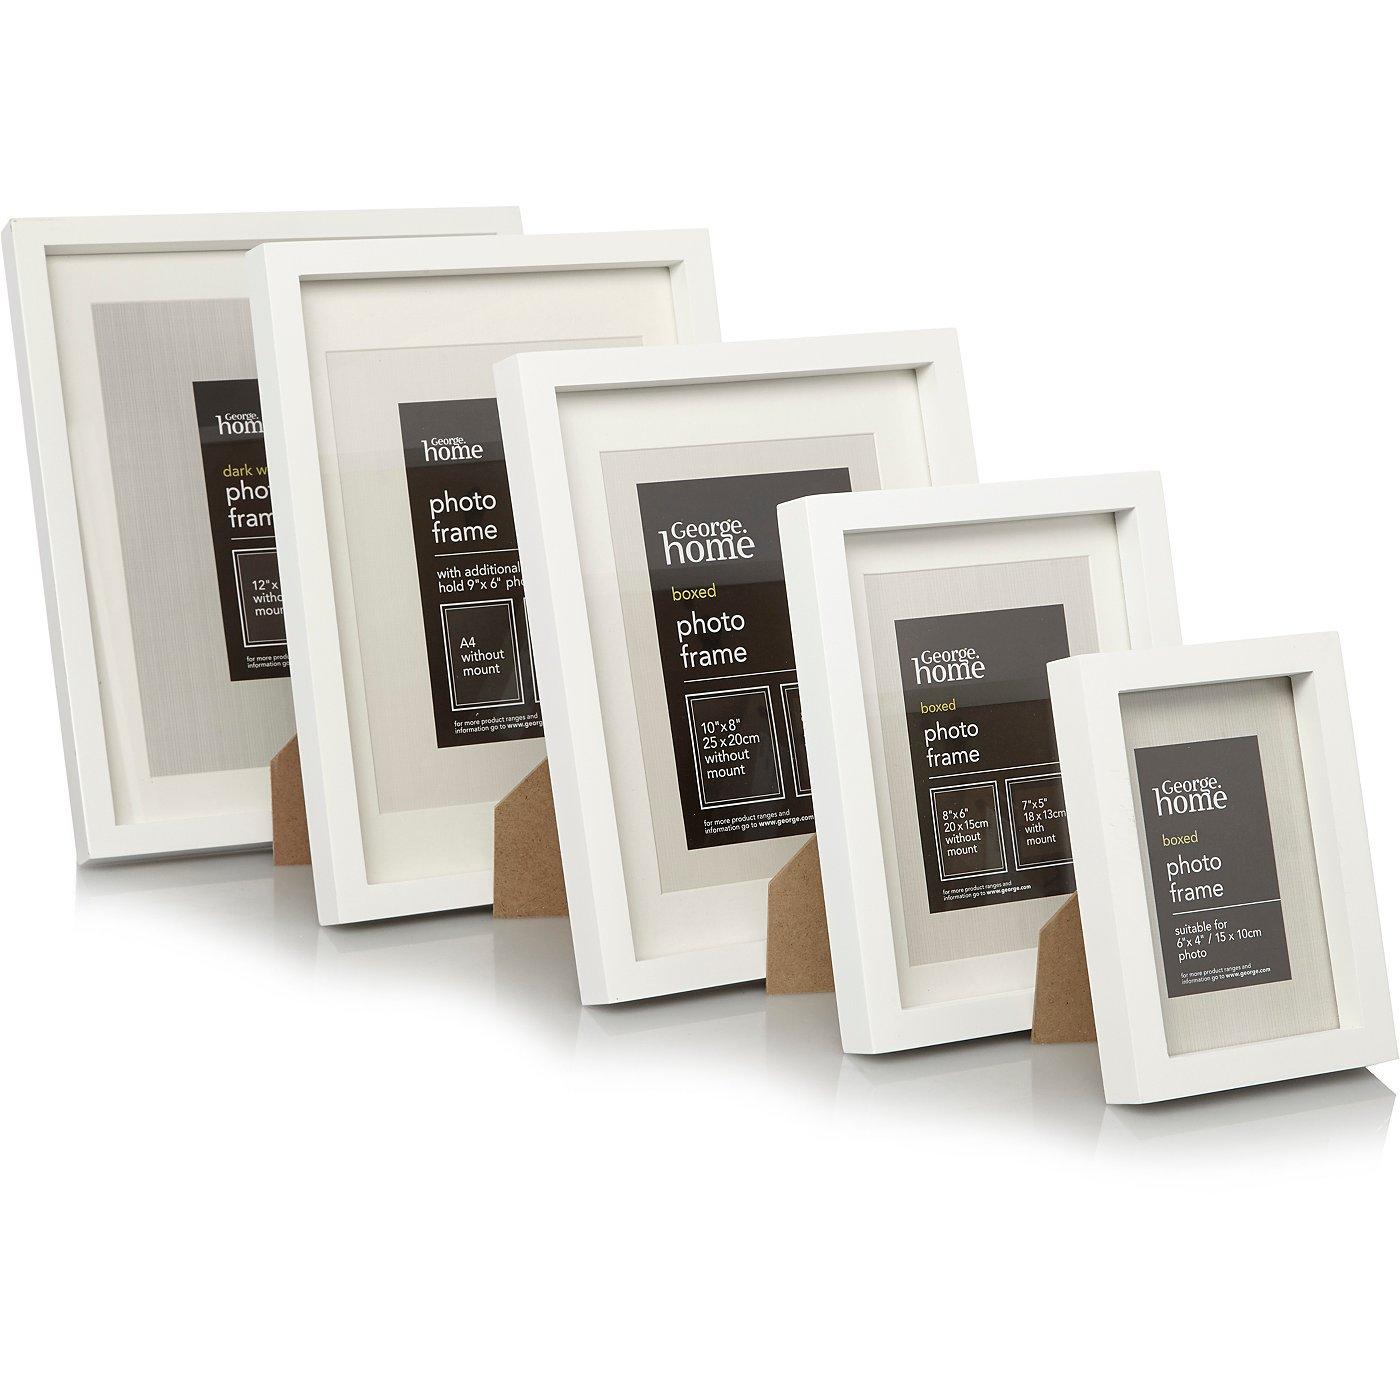 Asda Clip Frame A4 | Framess.co